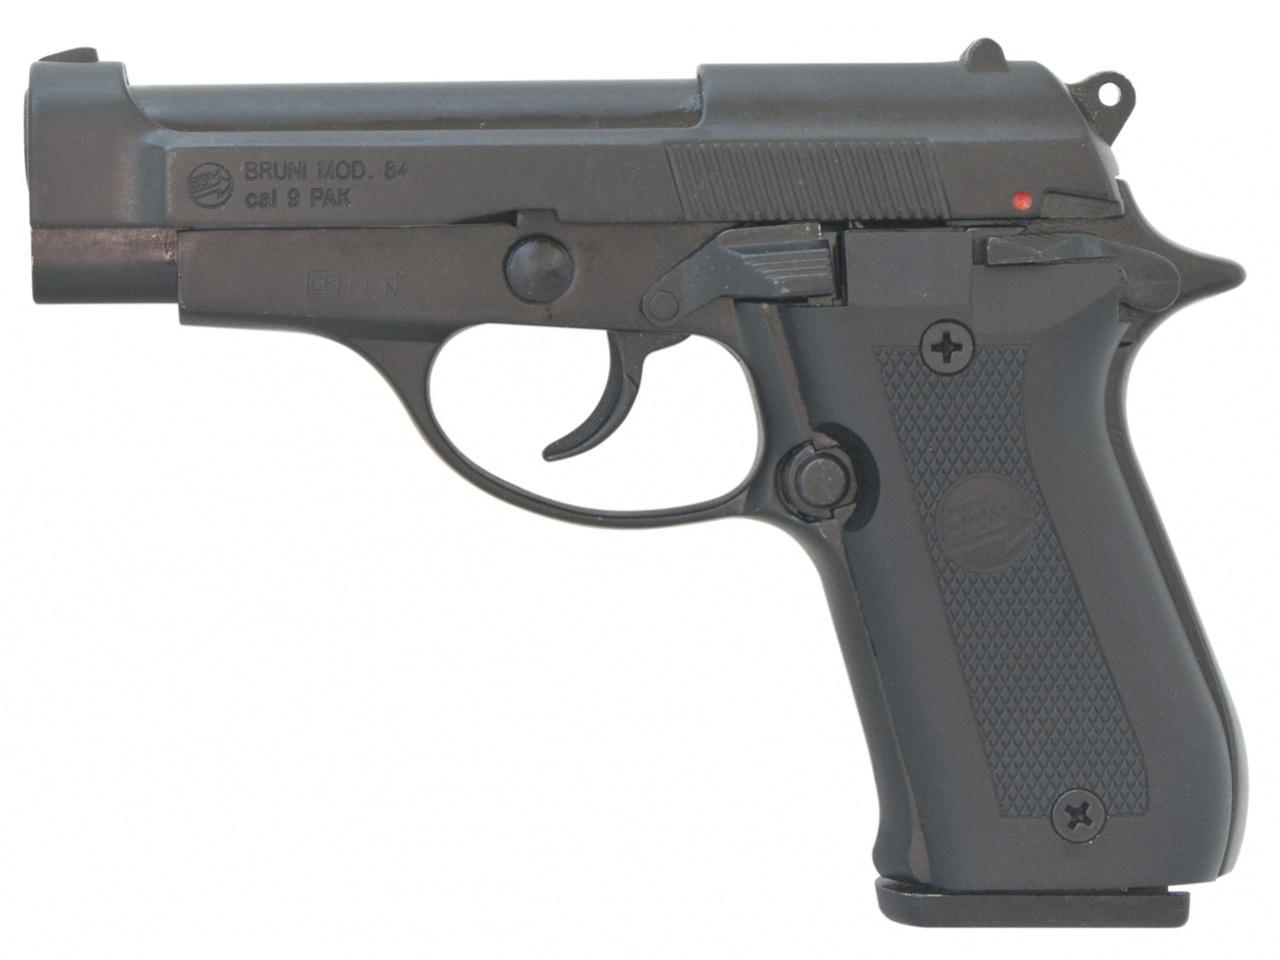 Plynová pistole Bruni 84 černá cal.9mm